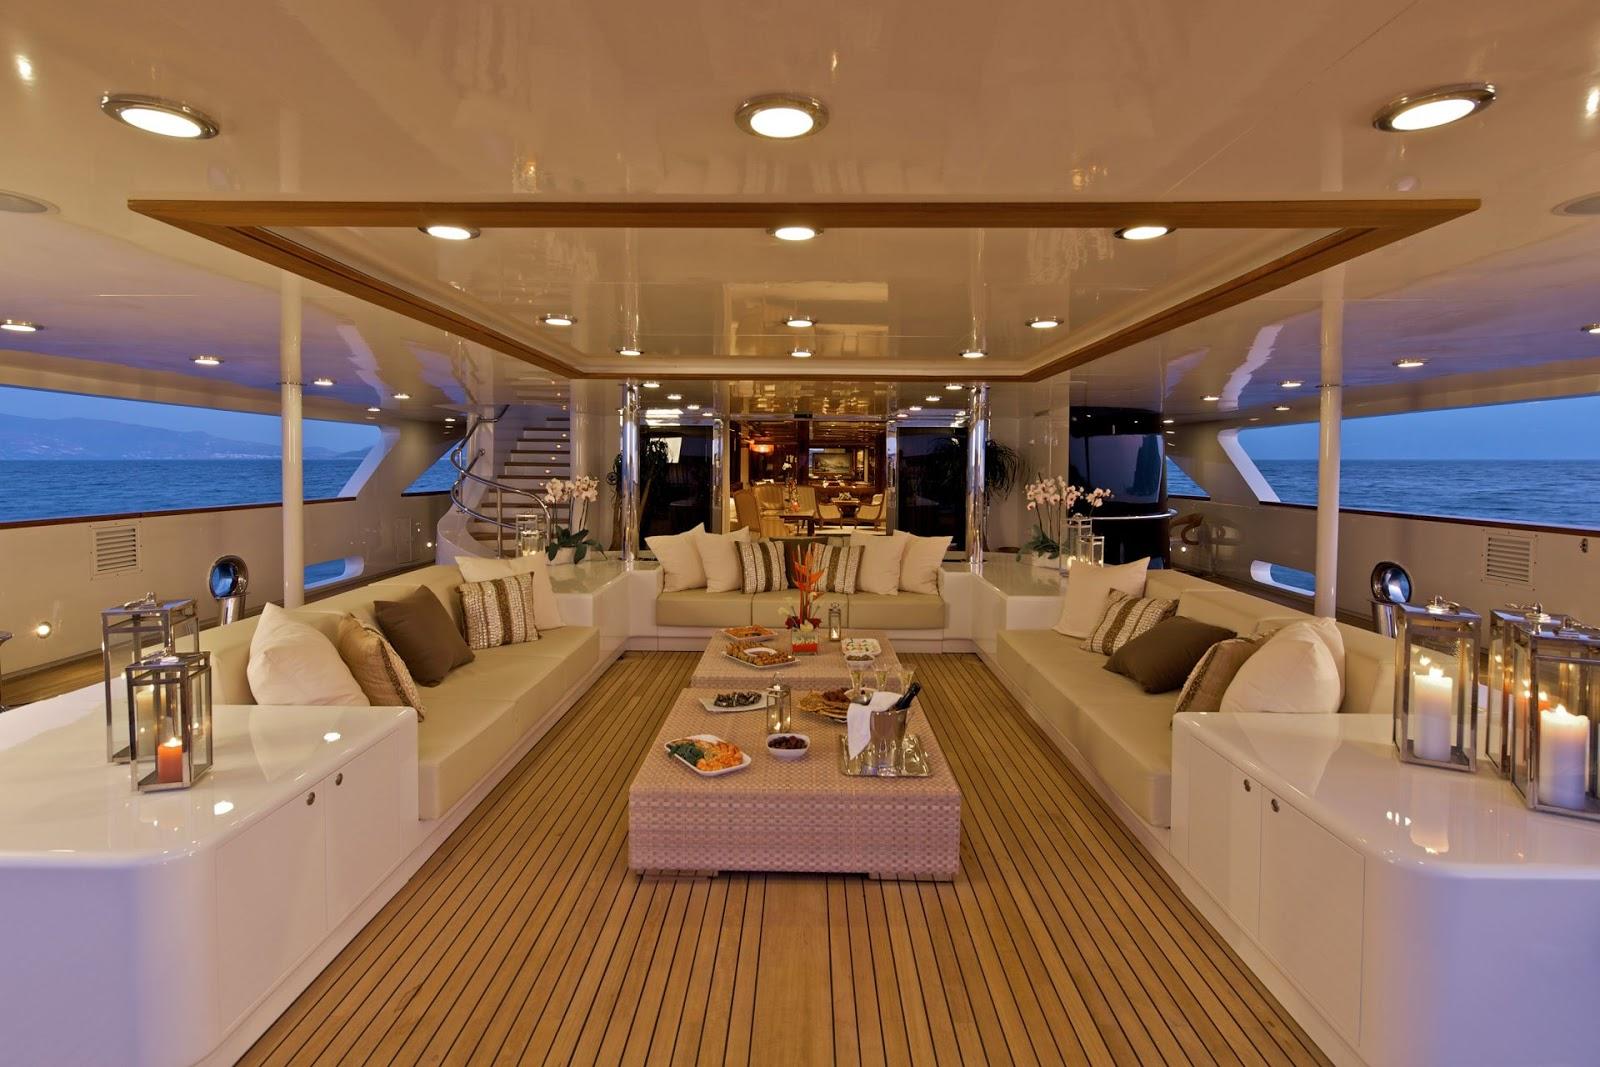 alquiler de yates de lujo en ibiza. alquiler yates ibiza. alquiler de barcos en ibiza. alquiler barcos ibiza. alquilar yates en ibiza. barcos de alquiler en ibiza